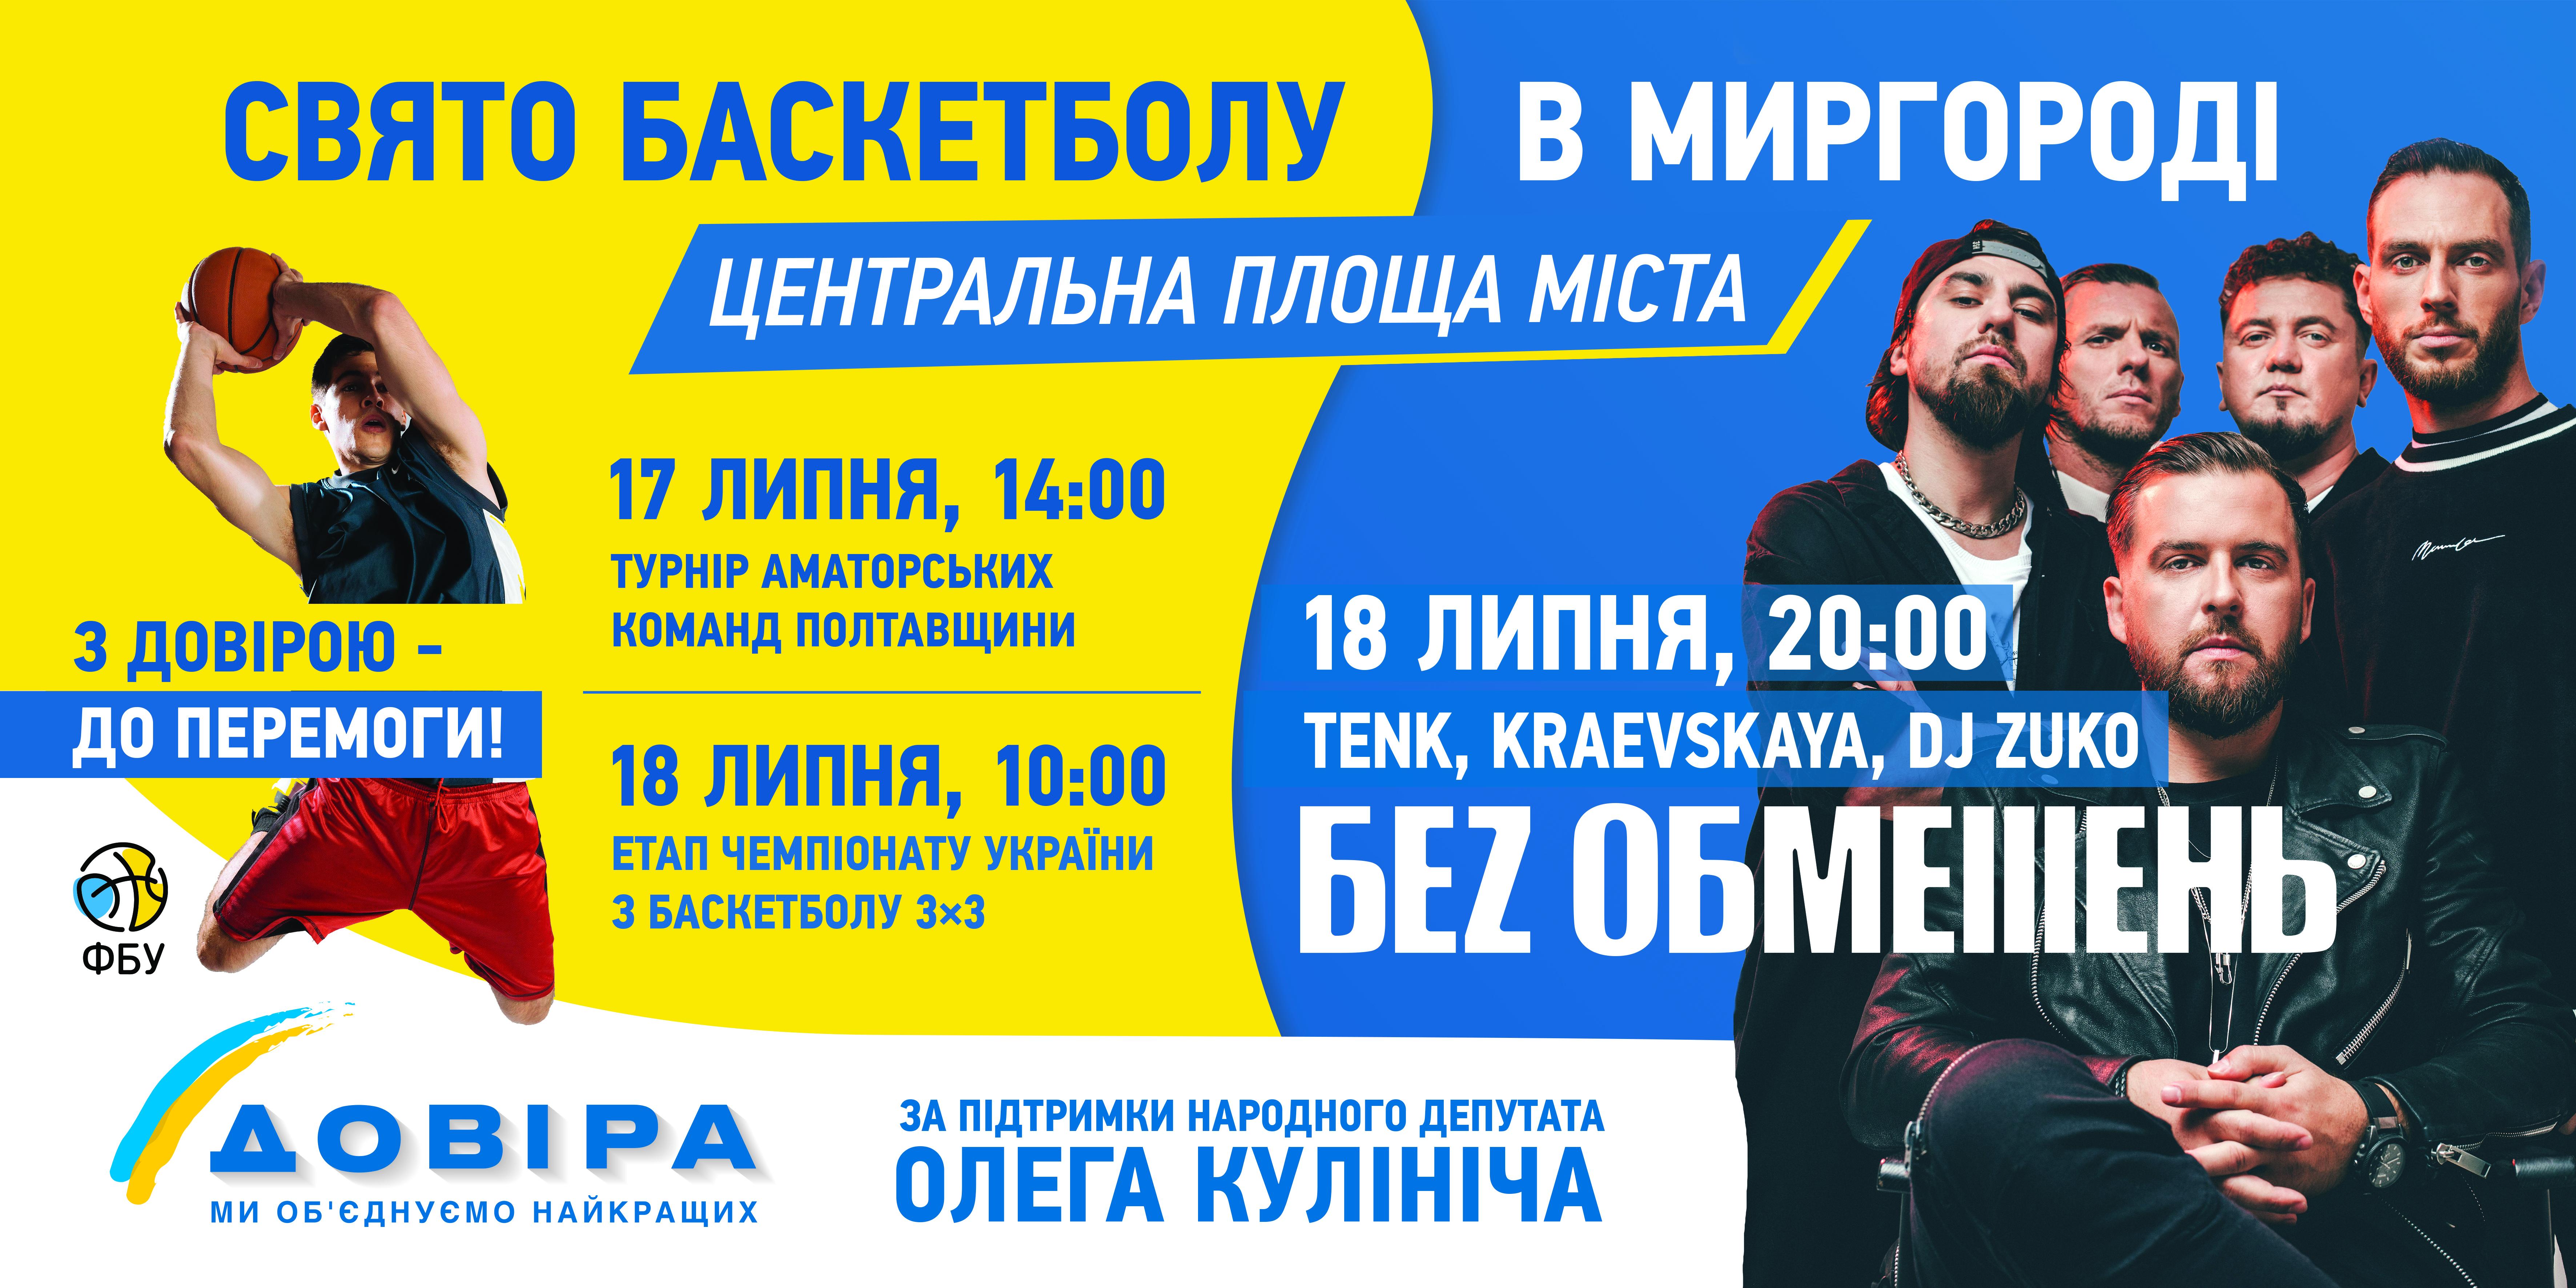 Учасник Олімпіади та гурт Bez Обмежень виступатимуть на чемпіонаті України 3х3 в Миргороді